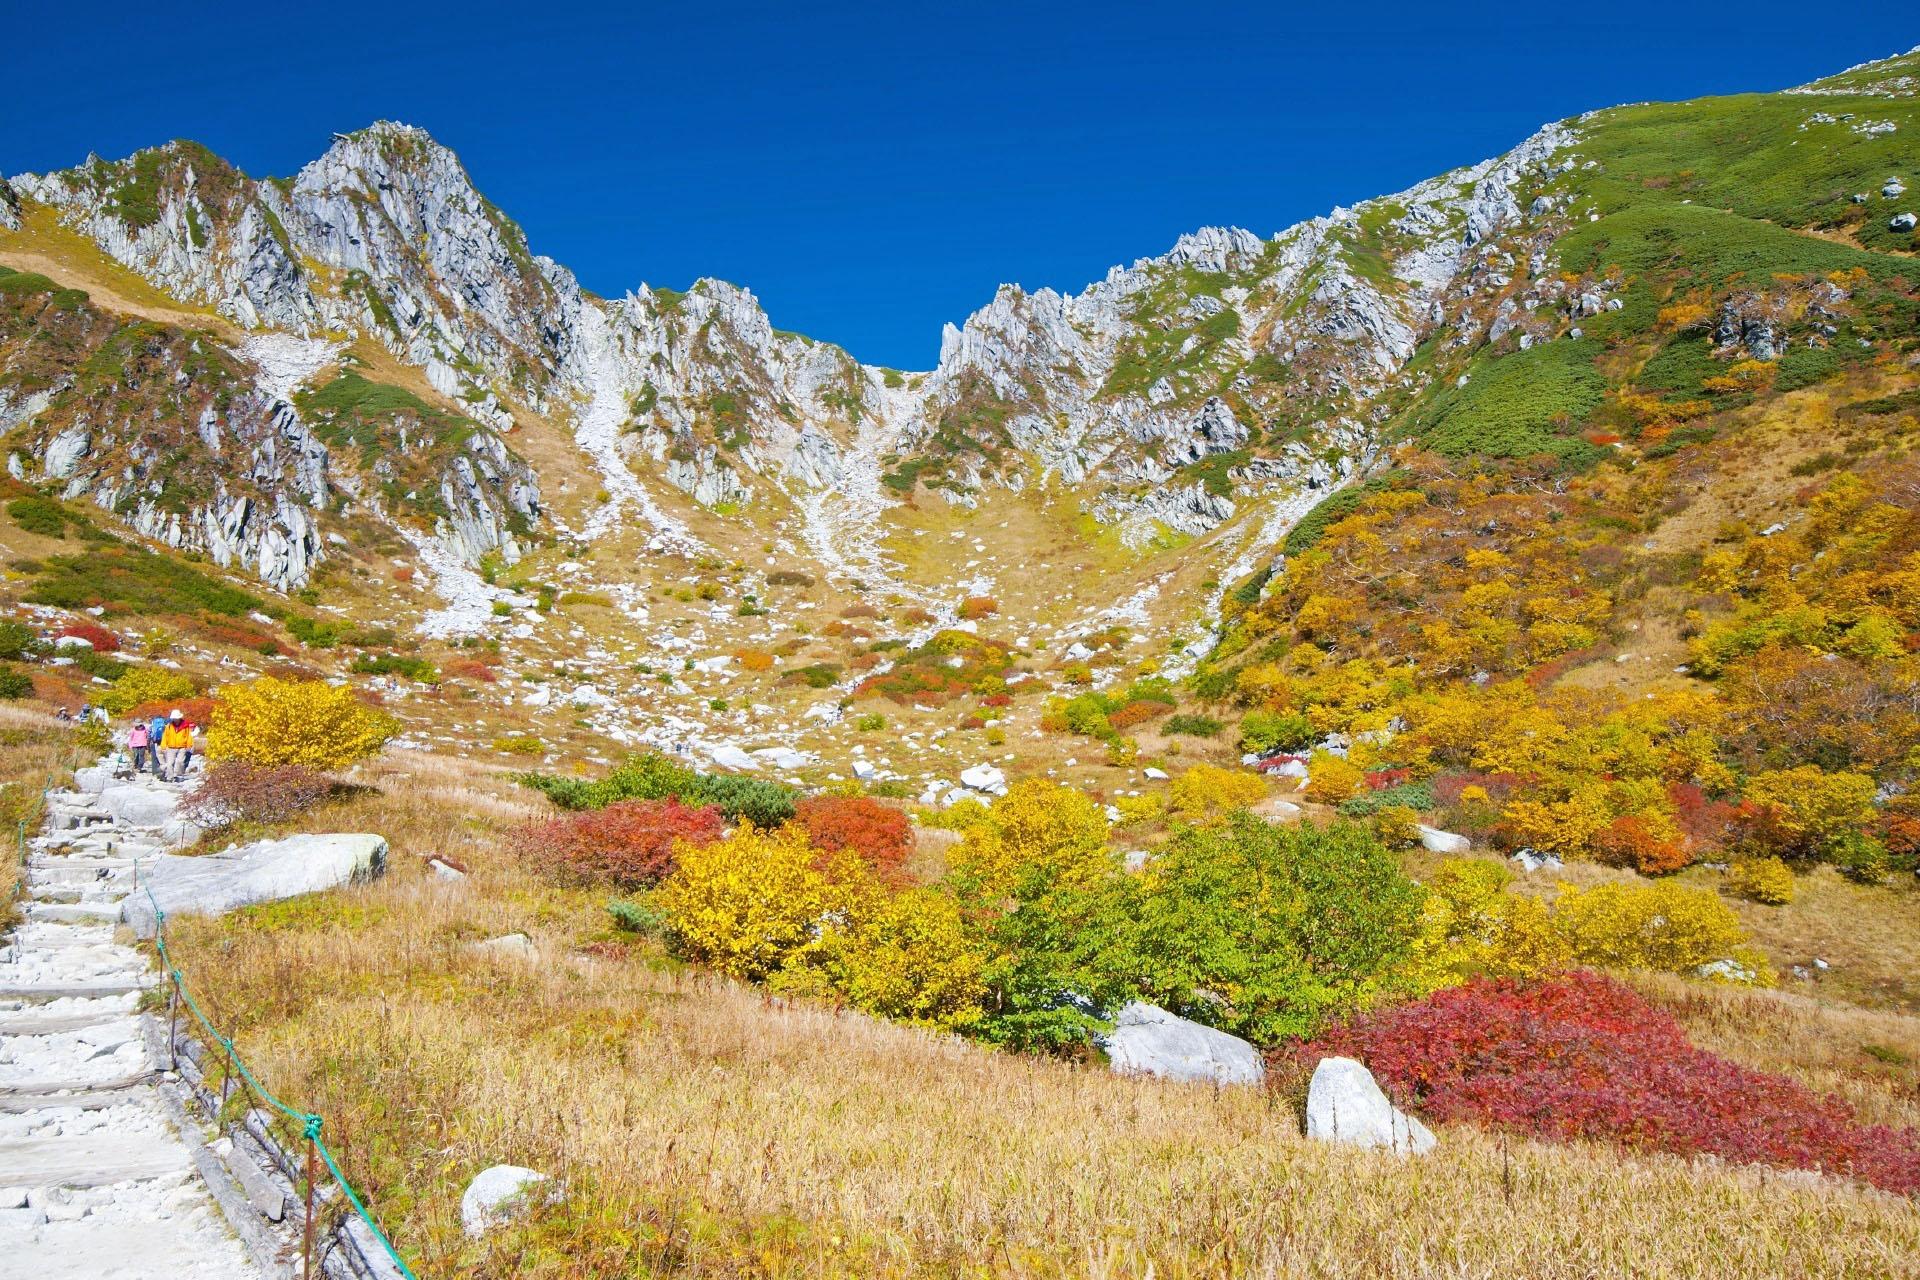 秋の千畳敷 中央アルプスの秋の風景